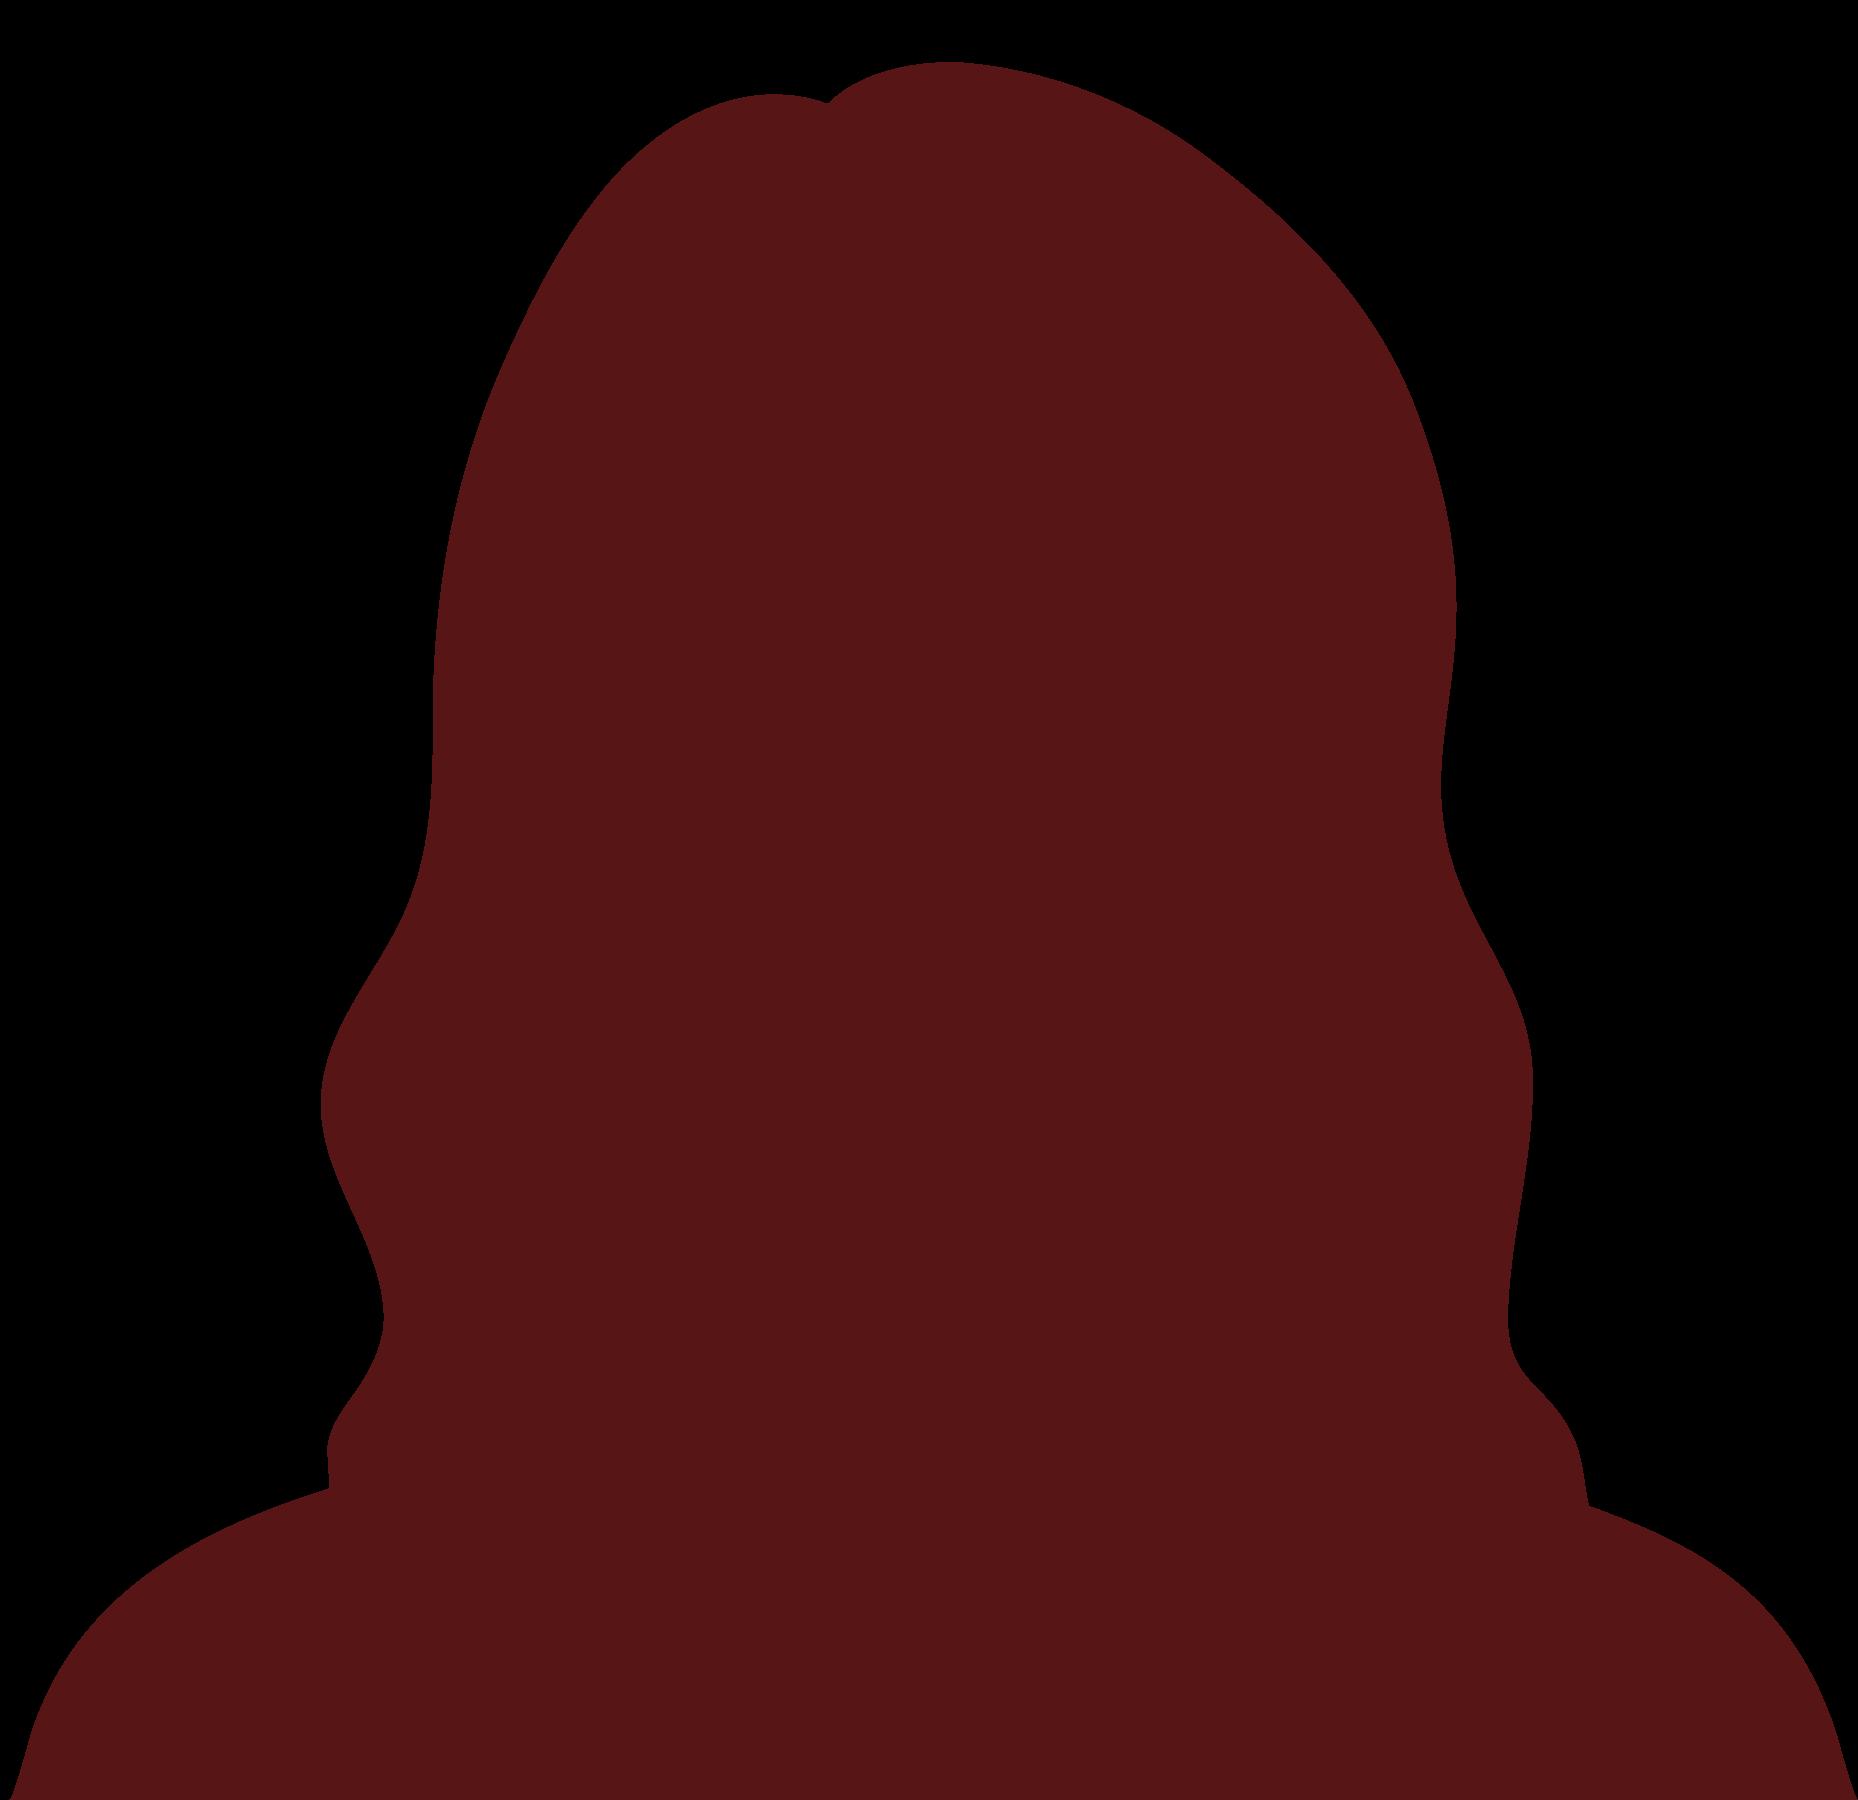 Besha Rodell // Member